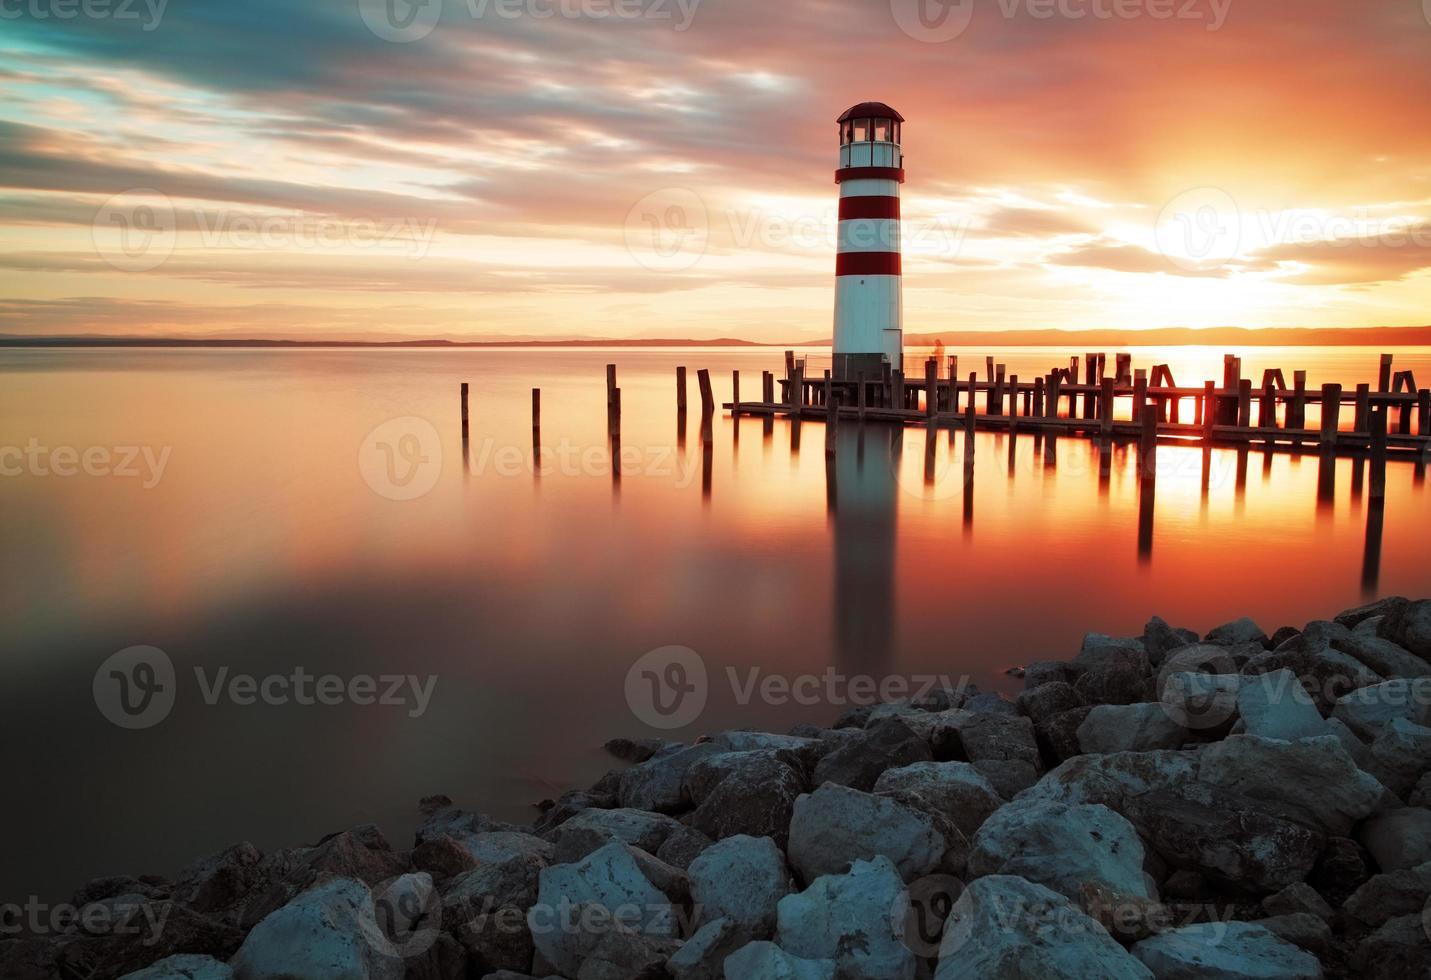 Landschaft Ozean Sonnenuntergang - Leuchtturm foto